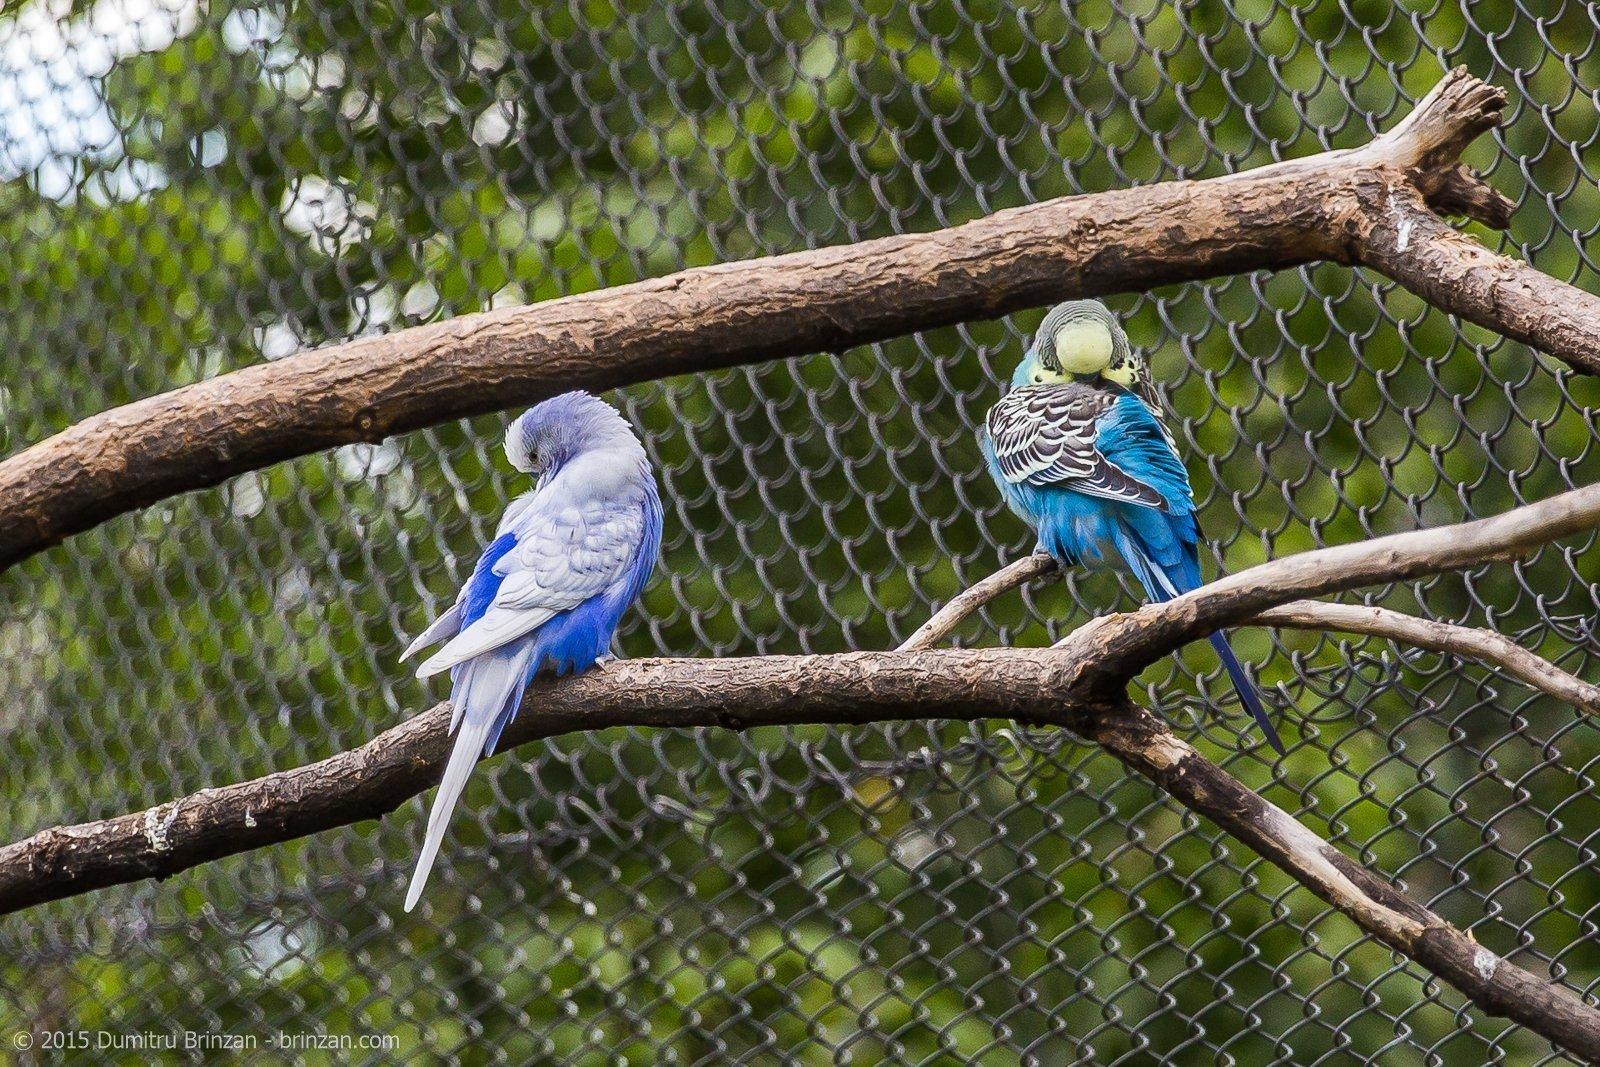 zoo-oradea-romania-2015-25